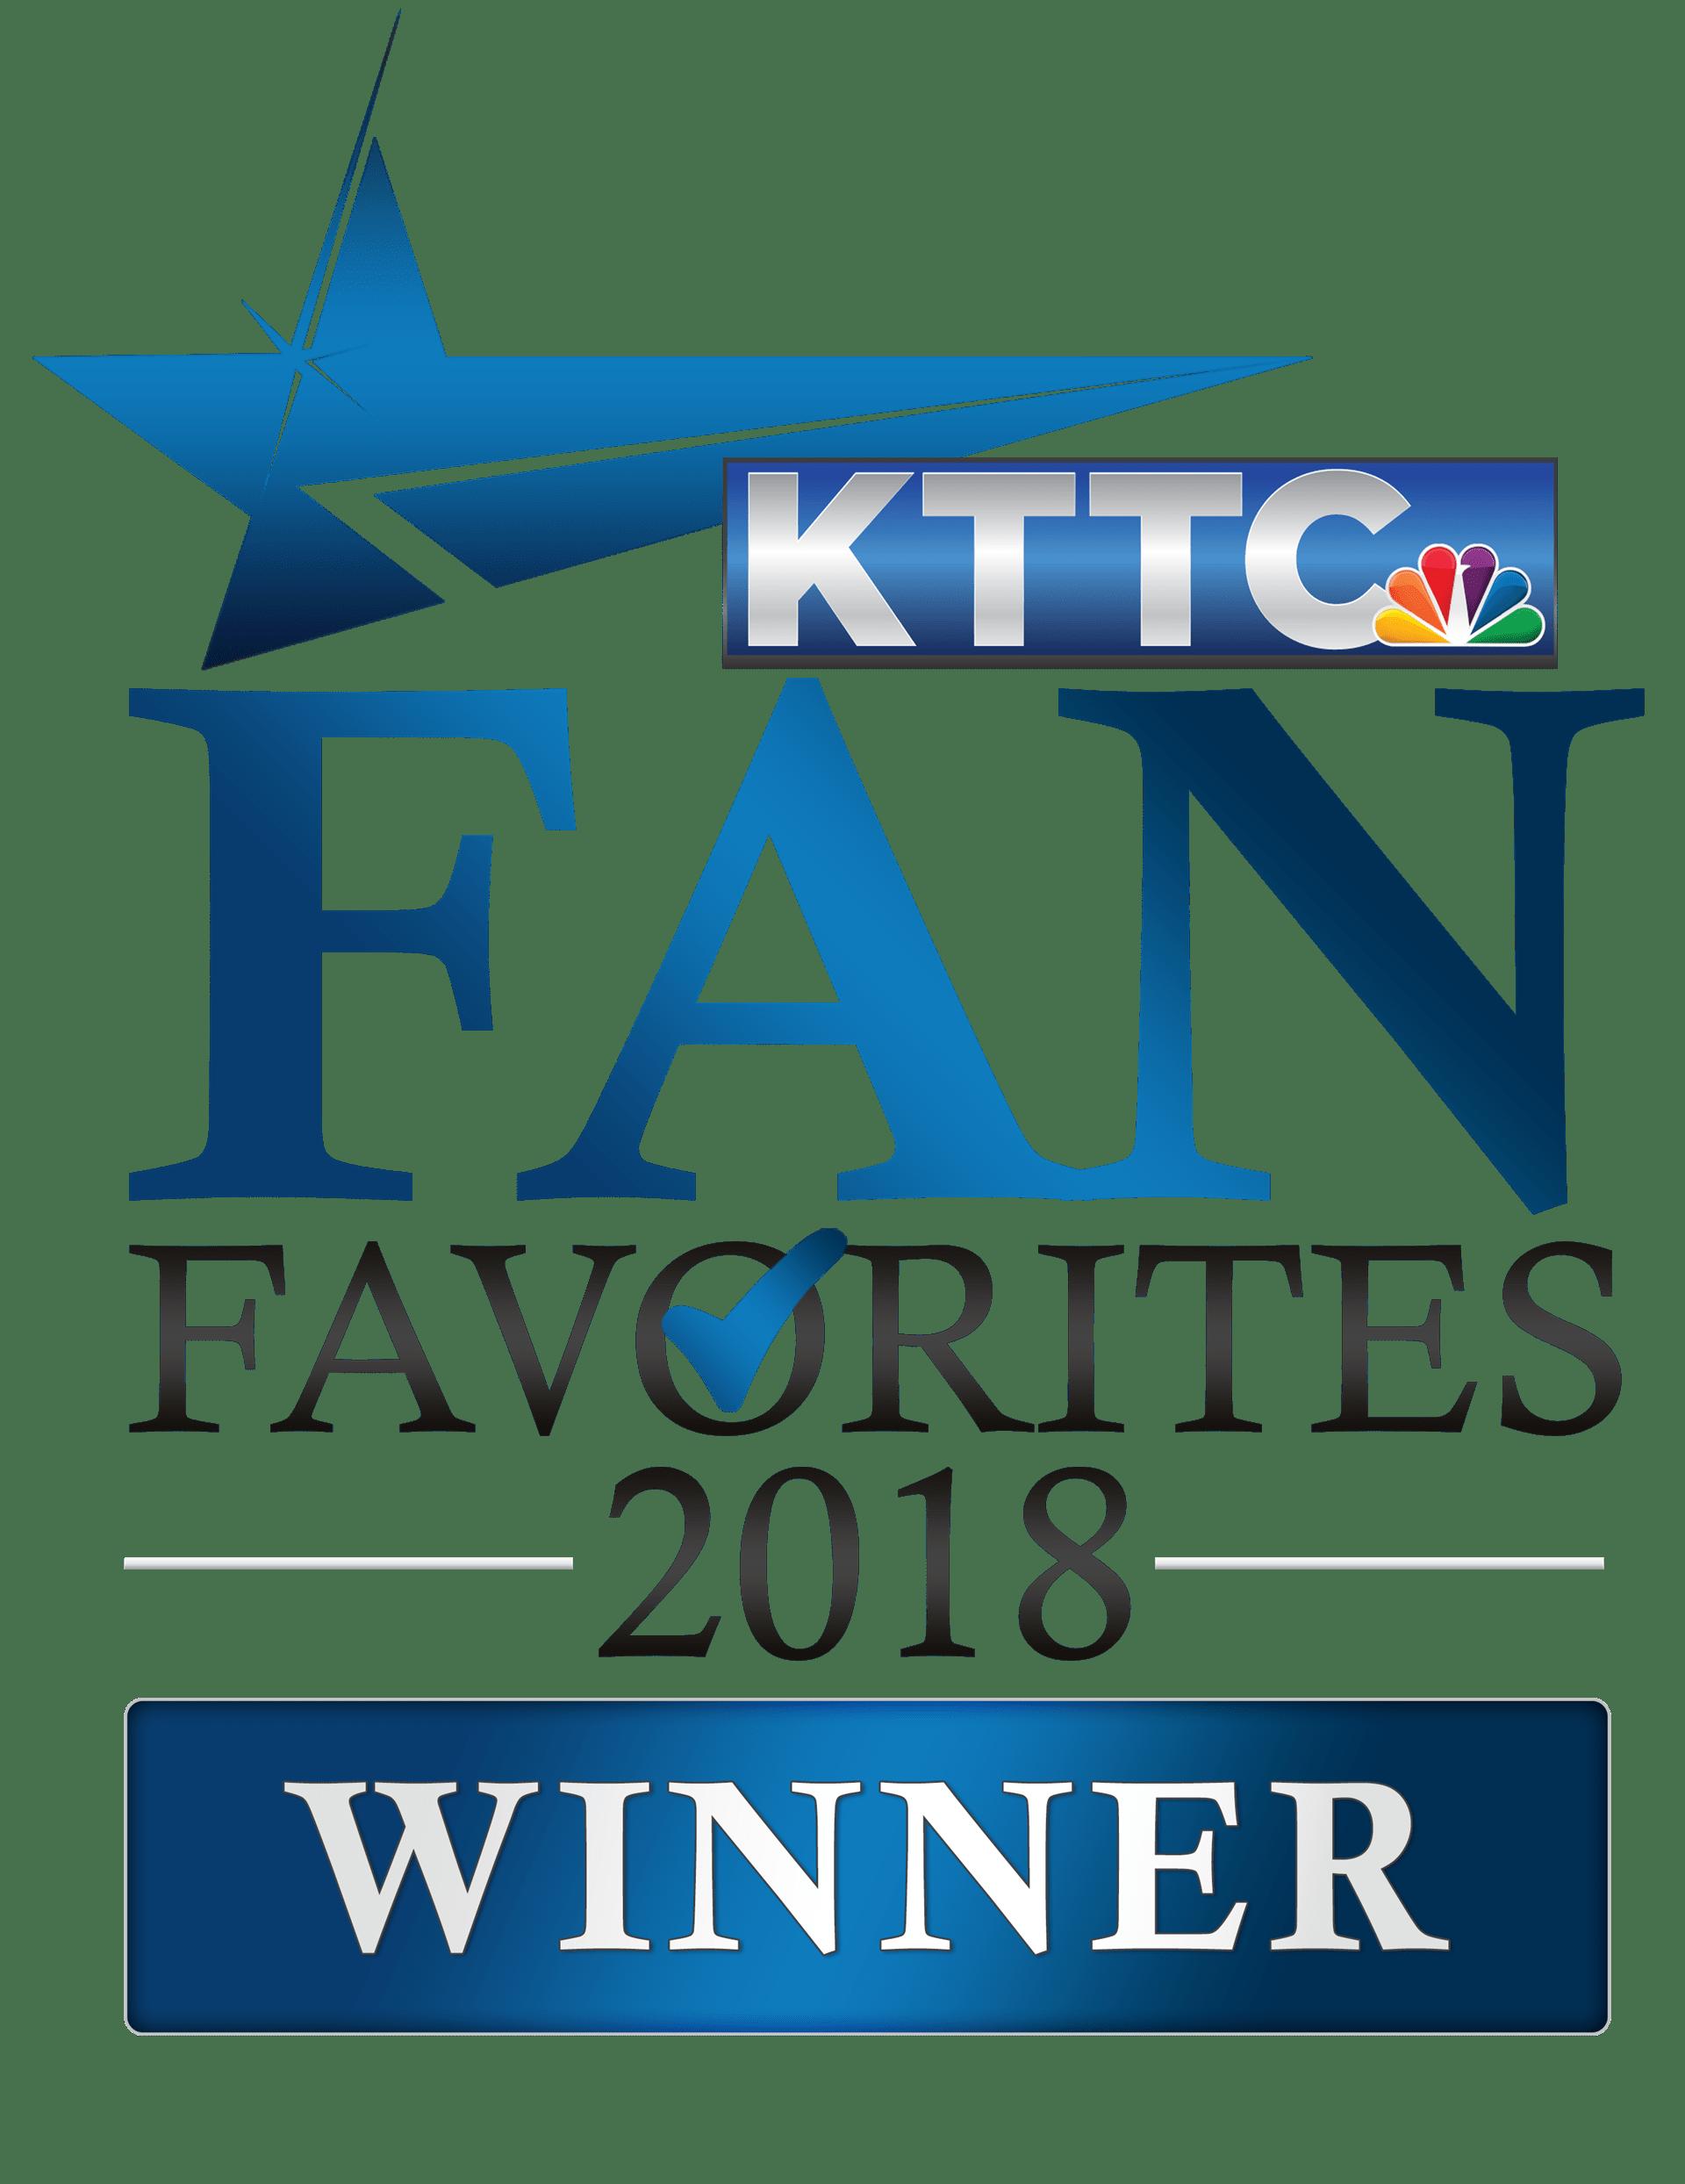 Hiller Stores is a KTTC Fan Favorites 2018 winner